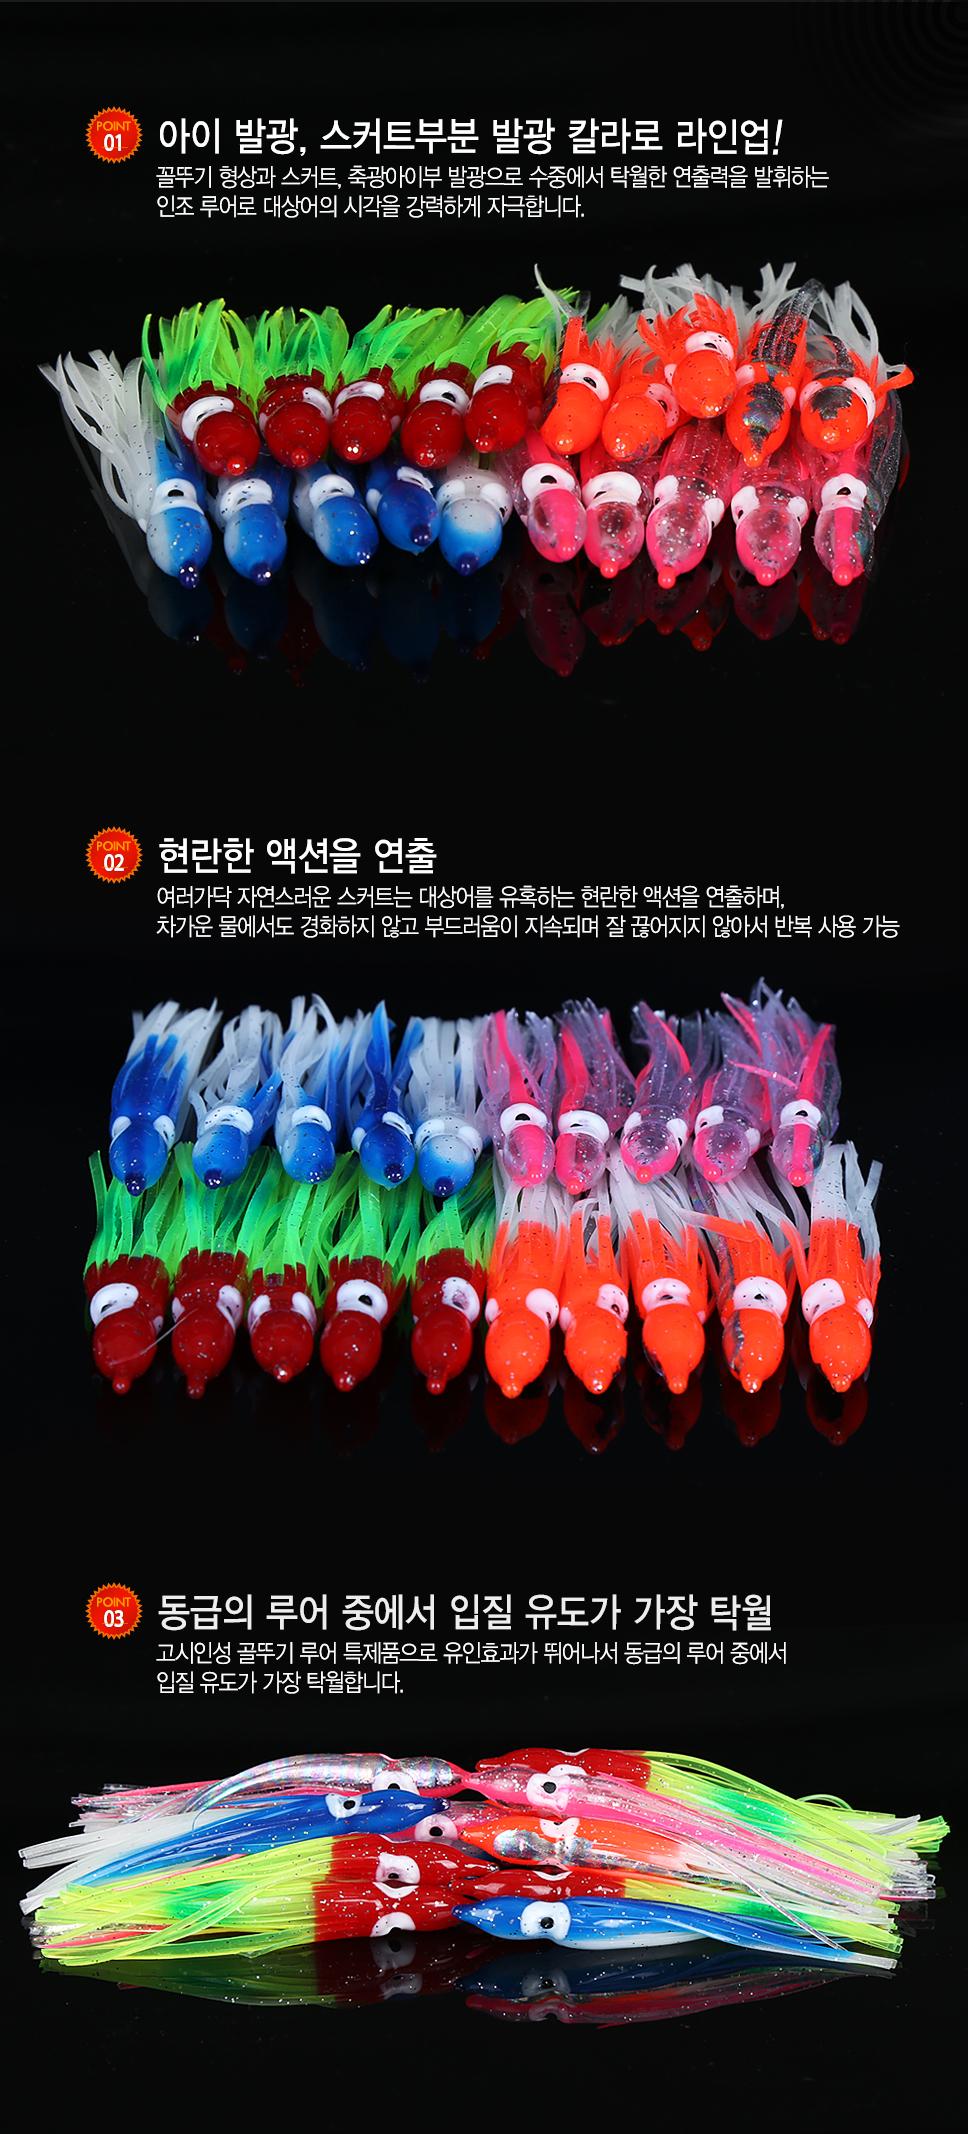 KLF 축광오로라 꼴뚜기 루어  7cm 4종  꼴뚜기웜 우럭지깅 대구지깅 선상지깅 갈치선상 갈치목줄